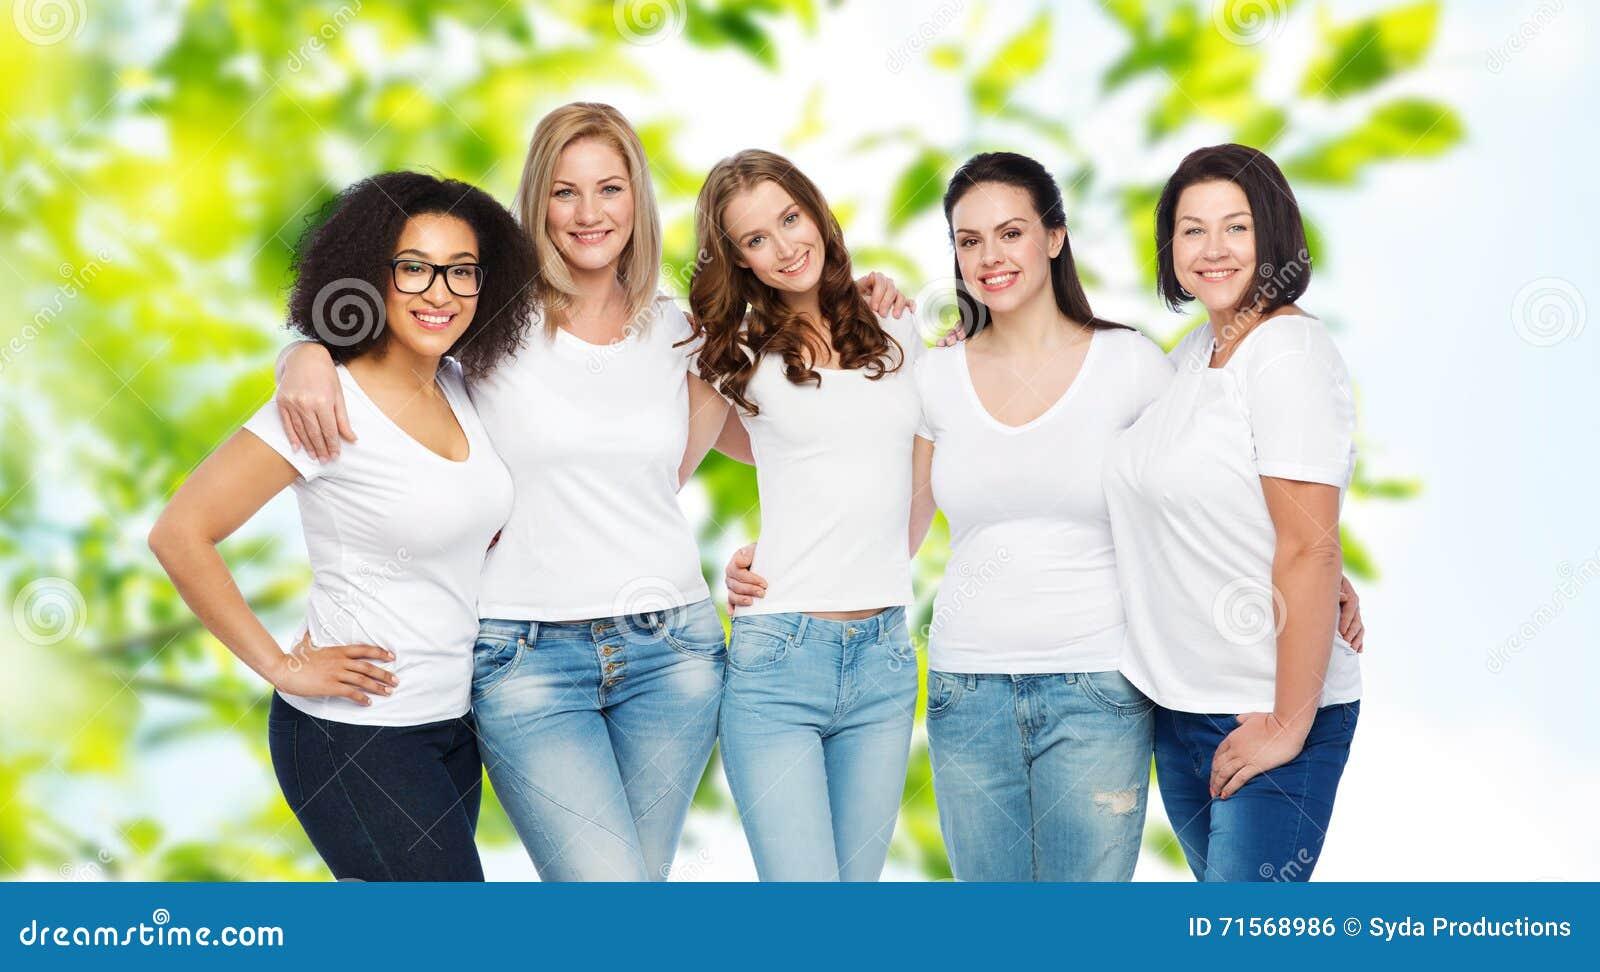 e68f5680d72 Amistad, positivo diverso, del cuerpo y concepto de la gente - grupo de  diversas tallas de mujeres felices en las camisetas blancas que abrazan  sobre fondo ...